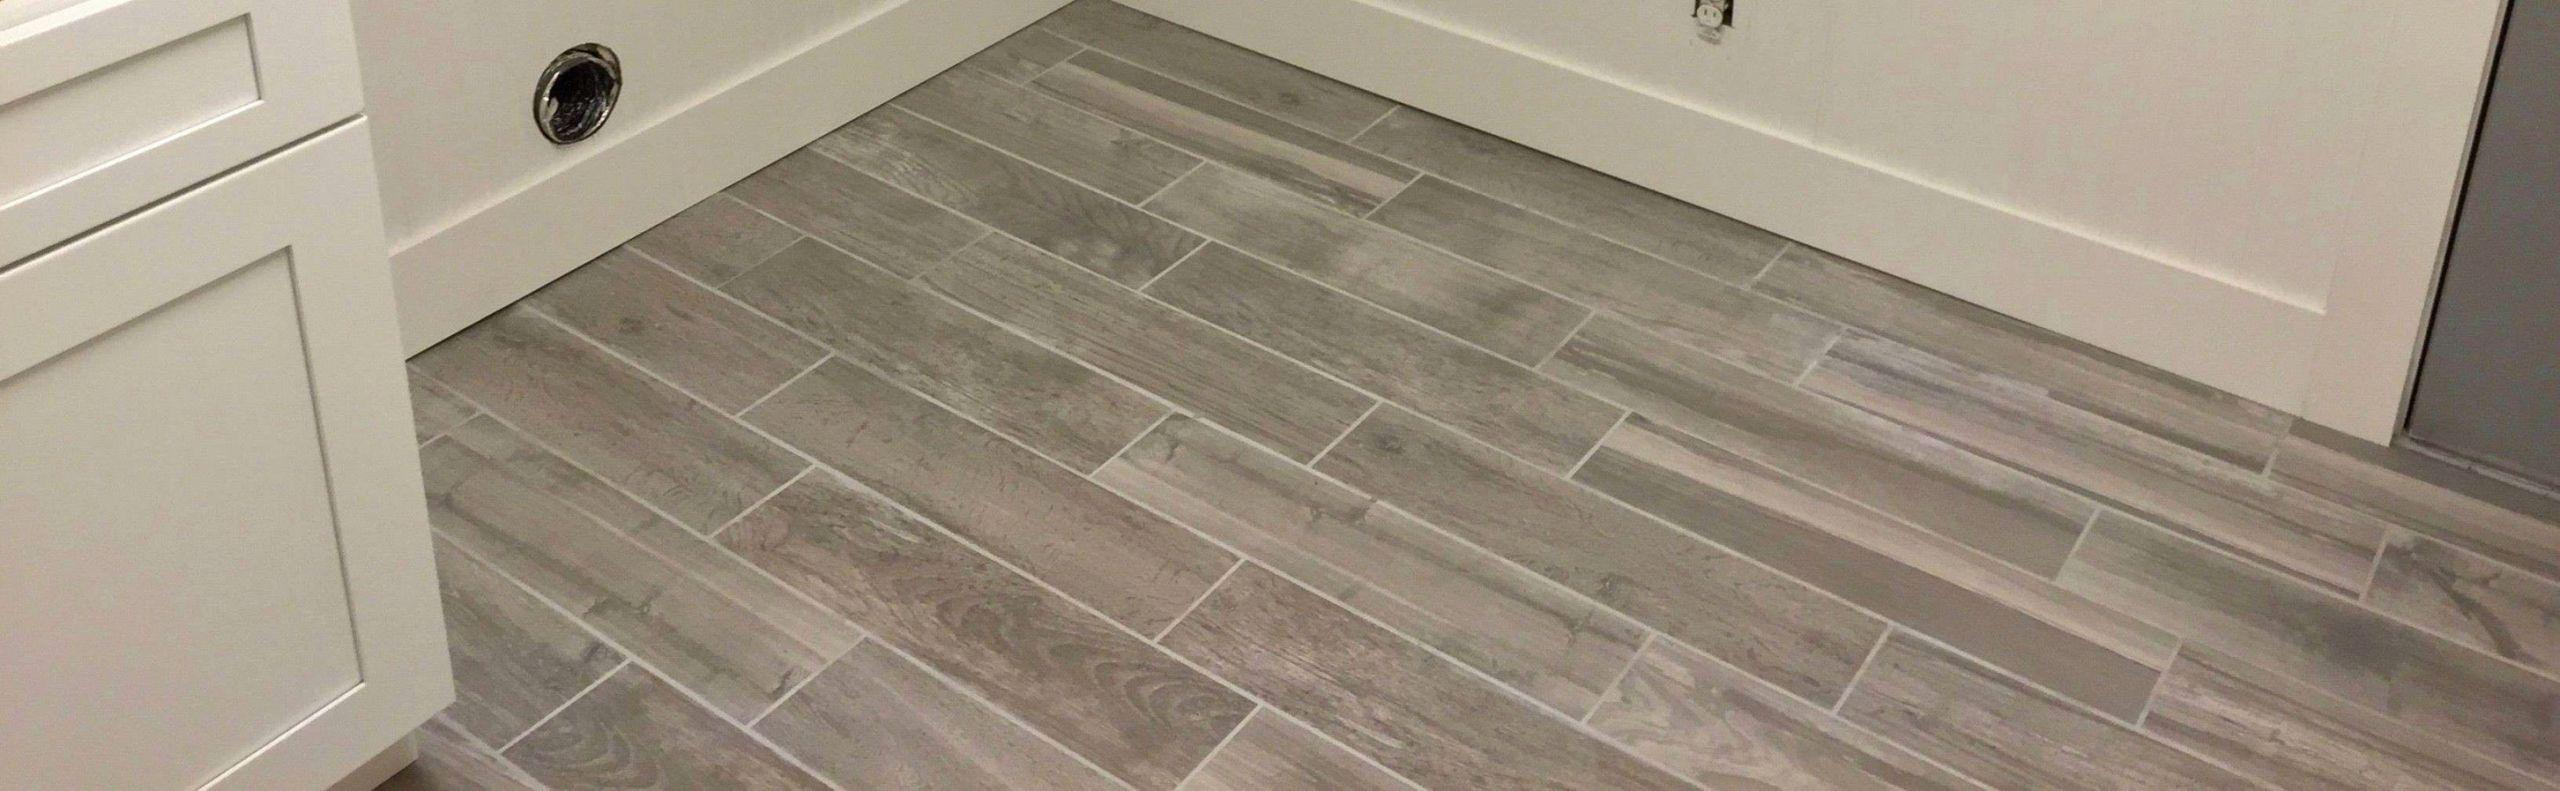 Wood Look Tile Flooring Ideas For Small Bathroom 2560x791 Wallpaper Teahub Io